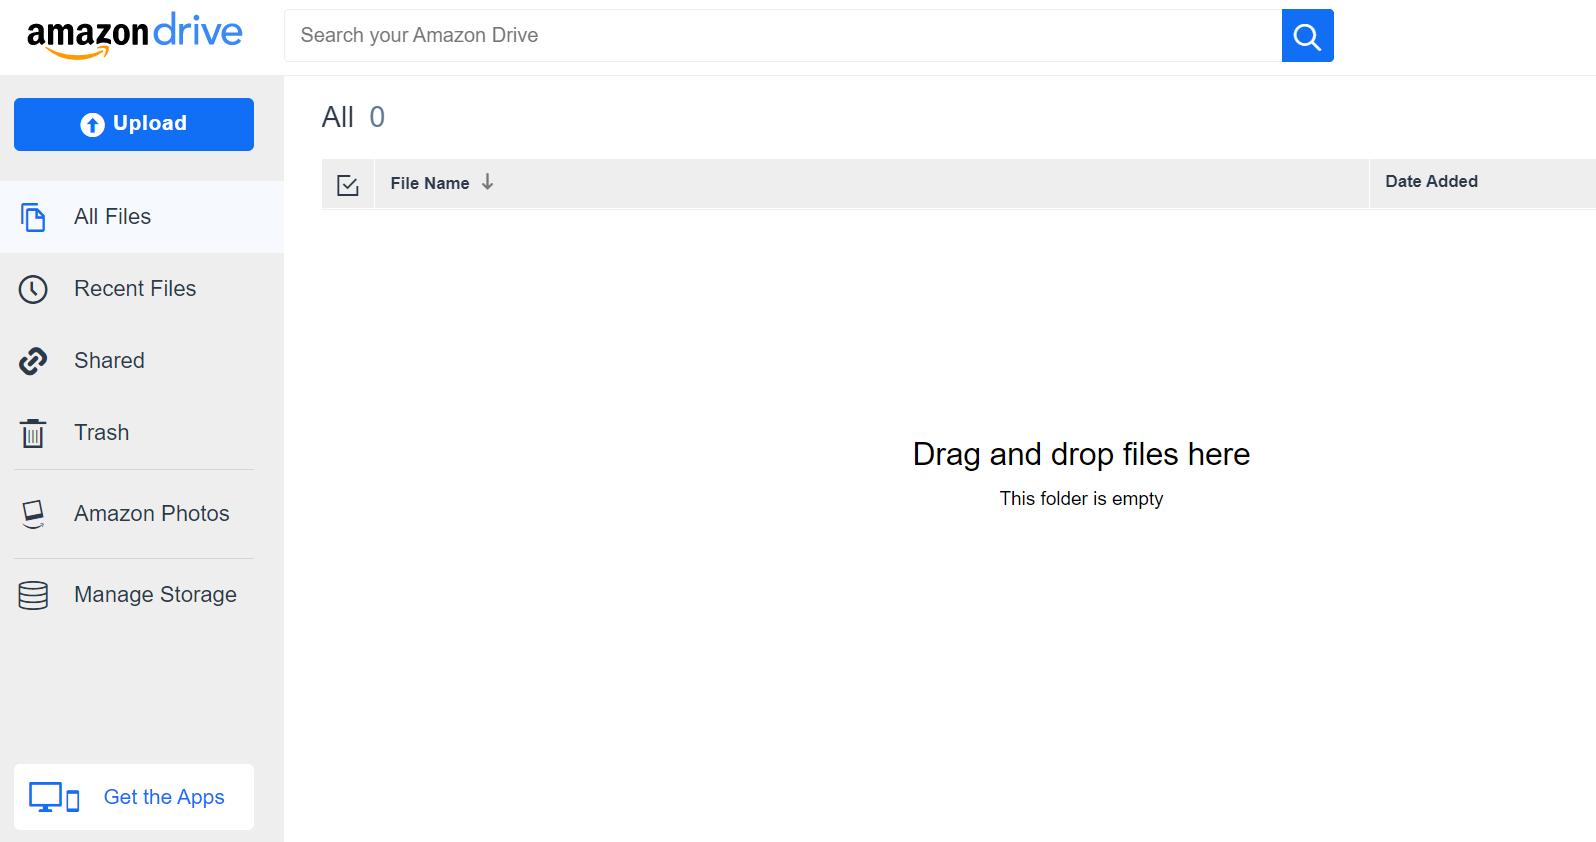 Amazon Drive web interface